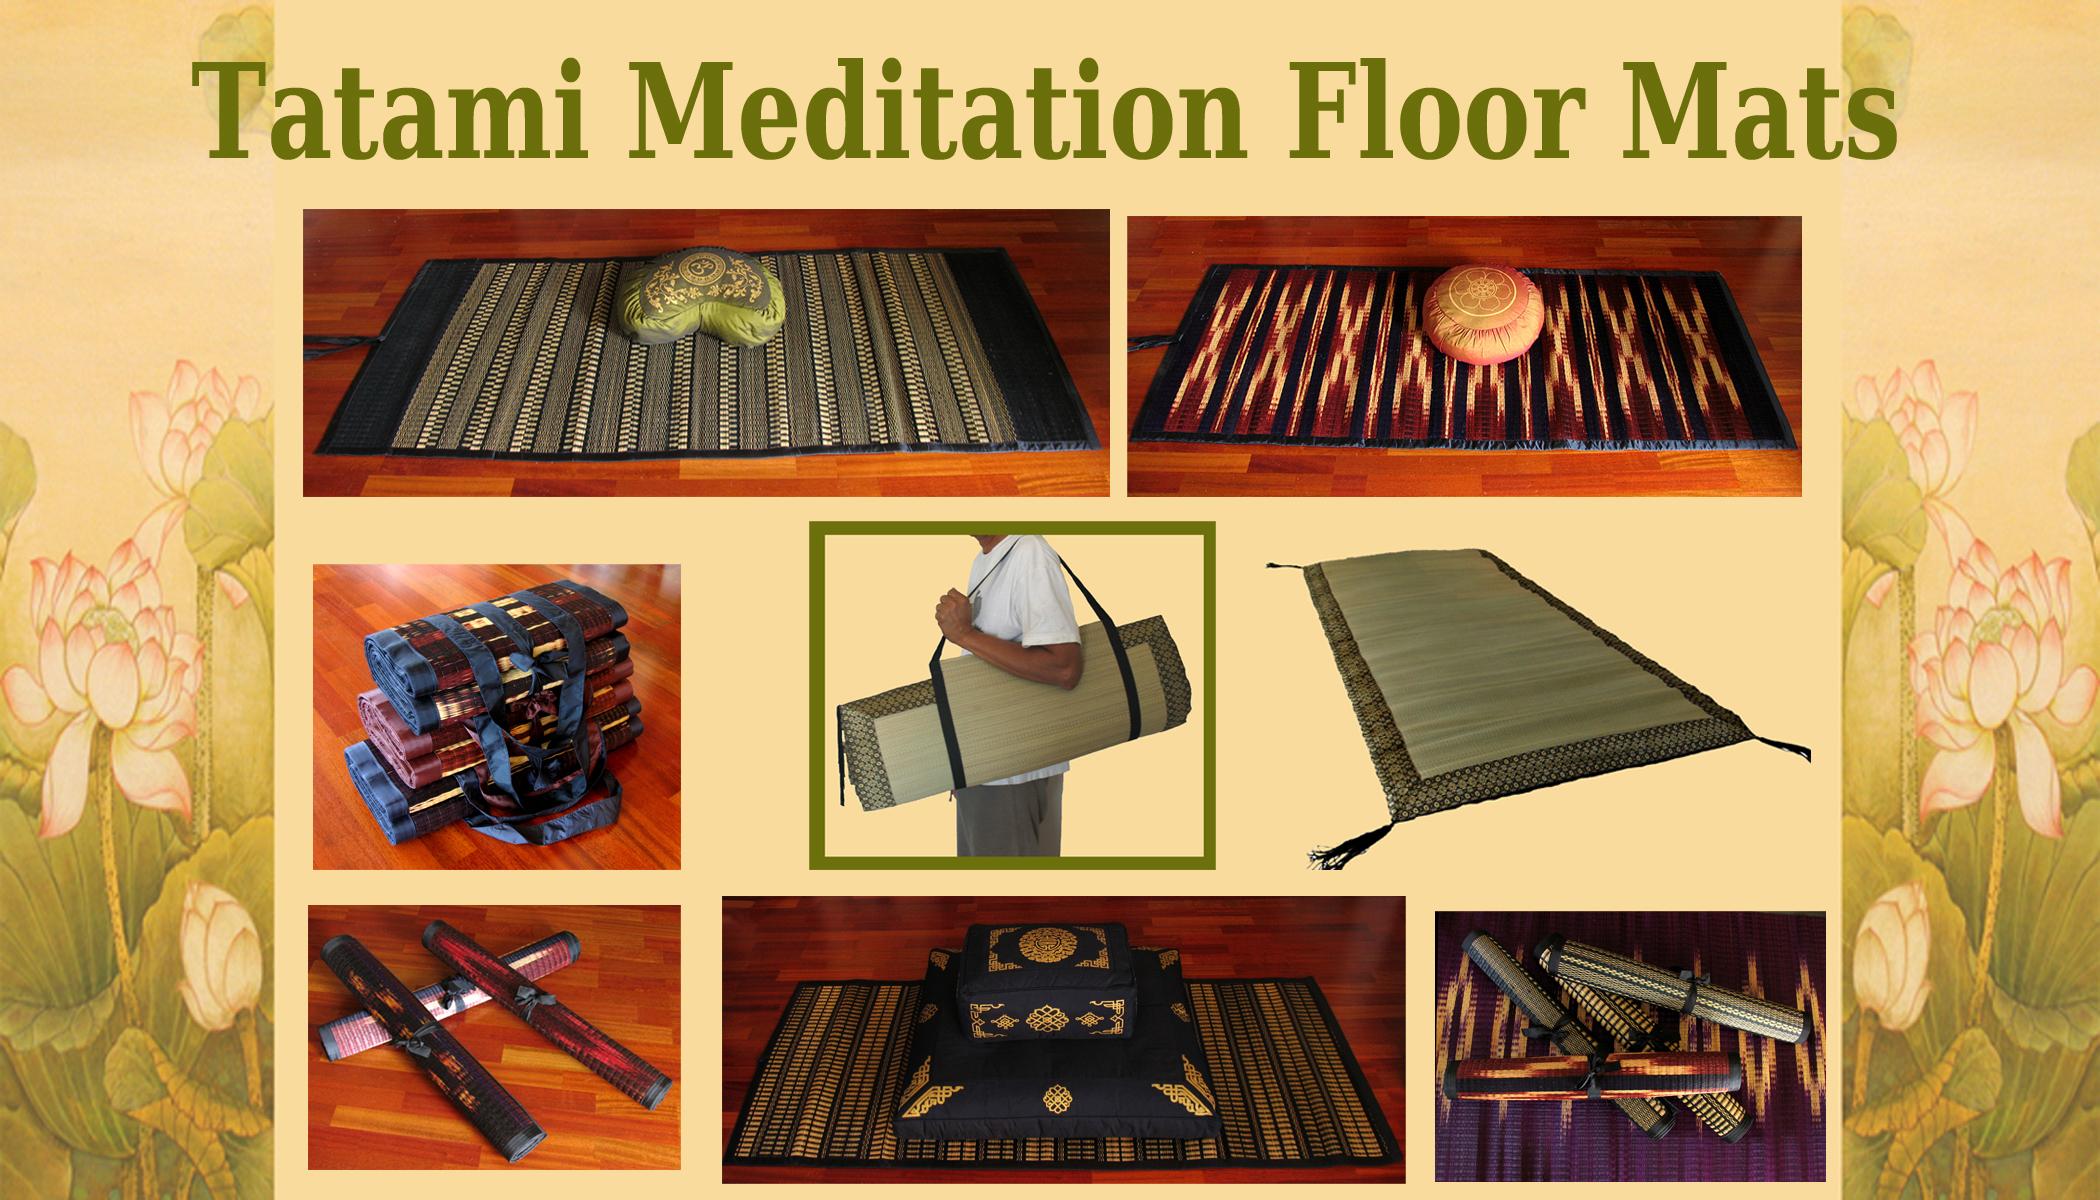 Floor mats with cushion - Tatami Meditation Floor Mats